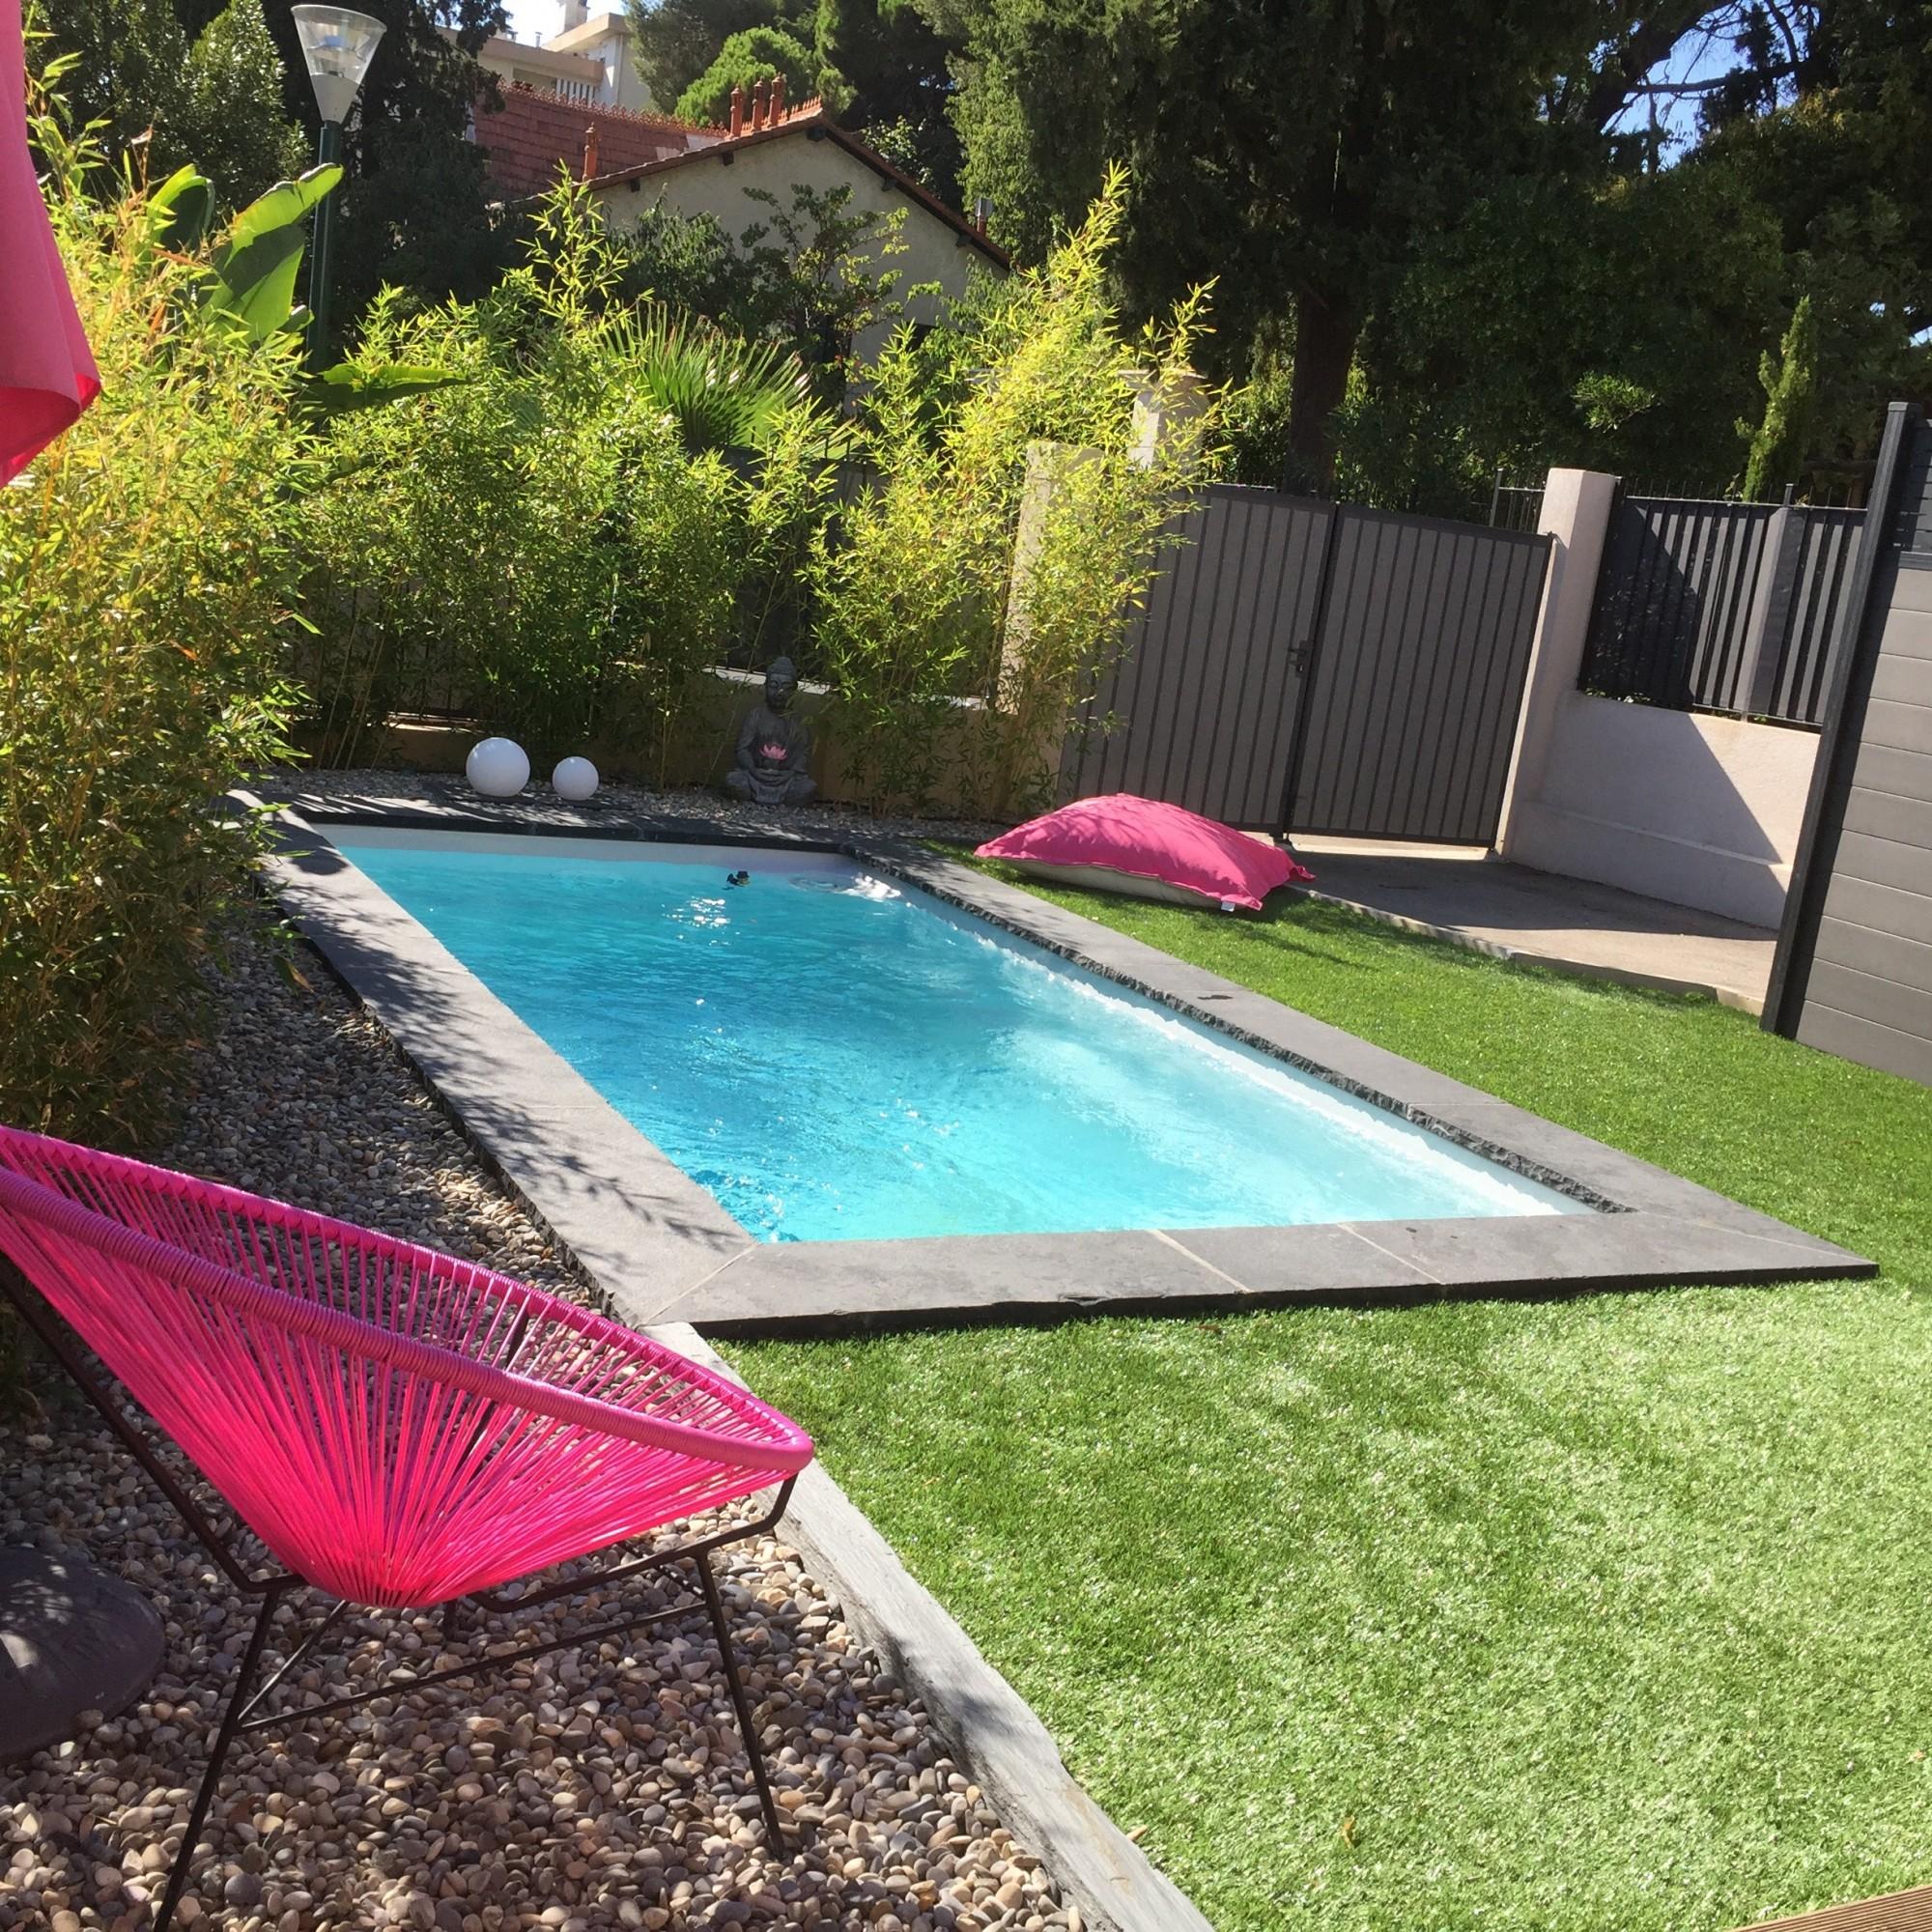 starlite piscine coque de moins de 10 m2 sur toulon. Black Bedroom Furniture Sets. Home Design Ideas